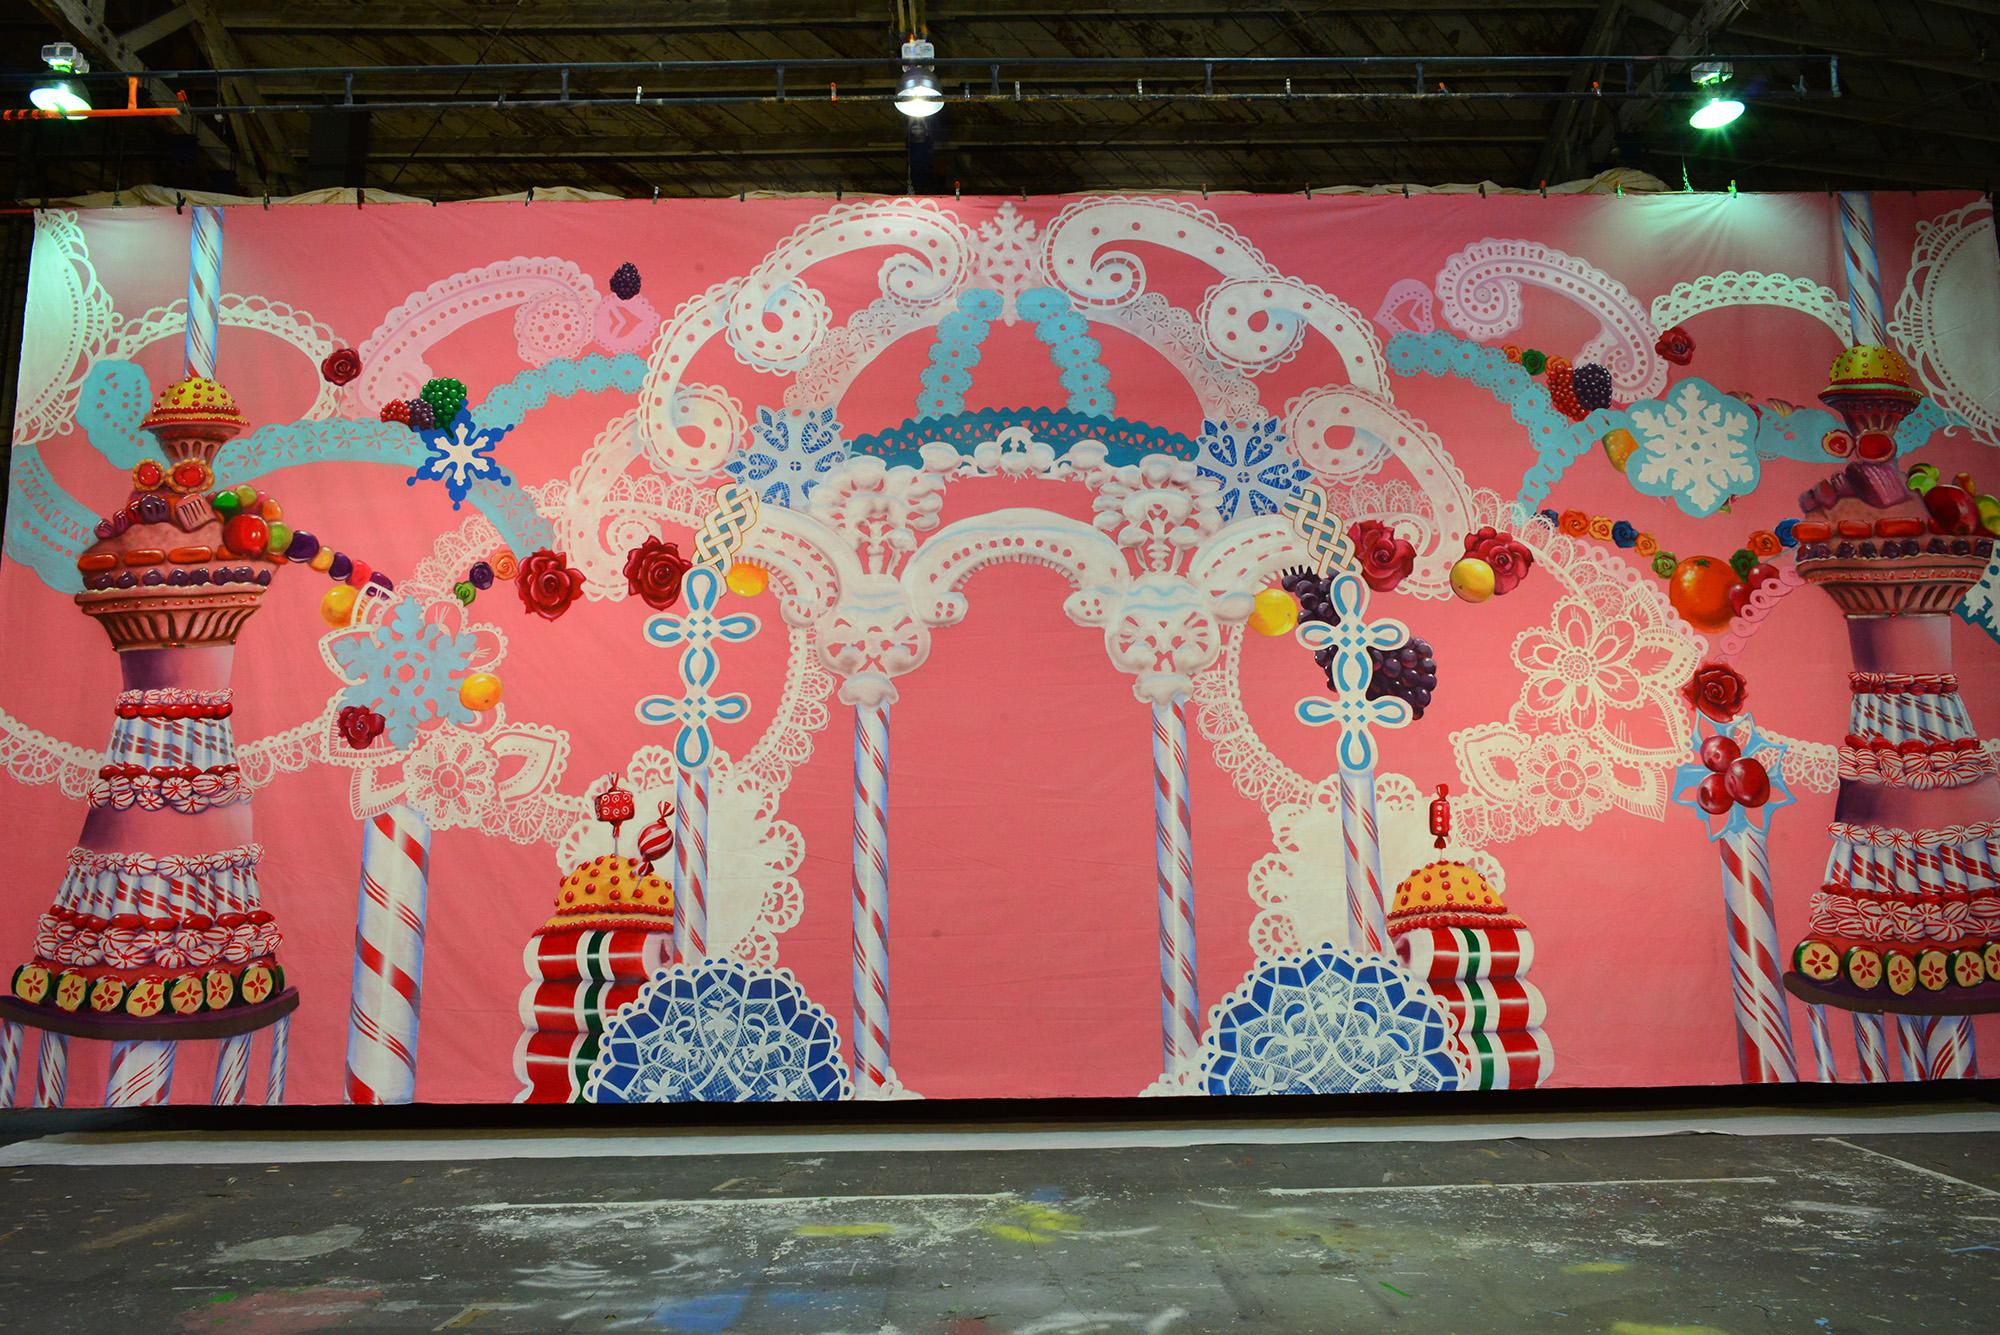 Lynch Ballet Company, New York